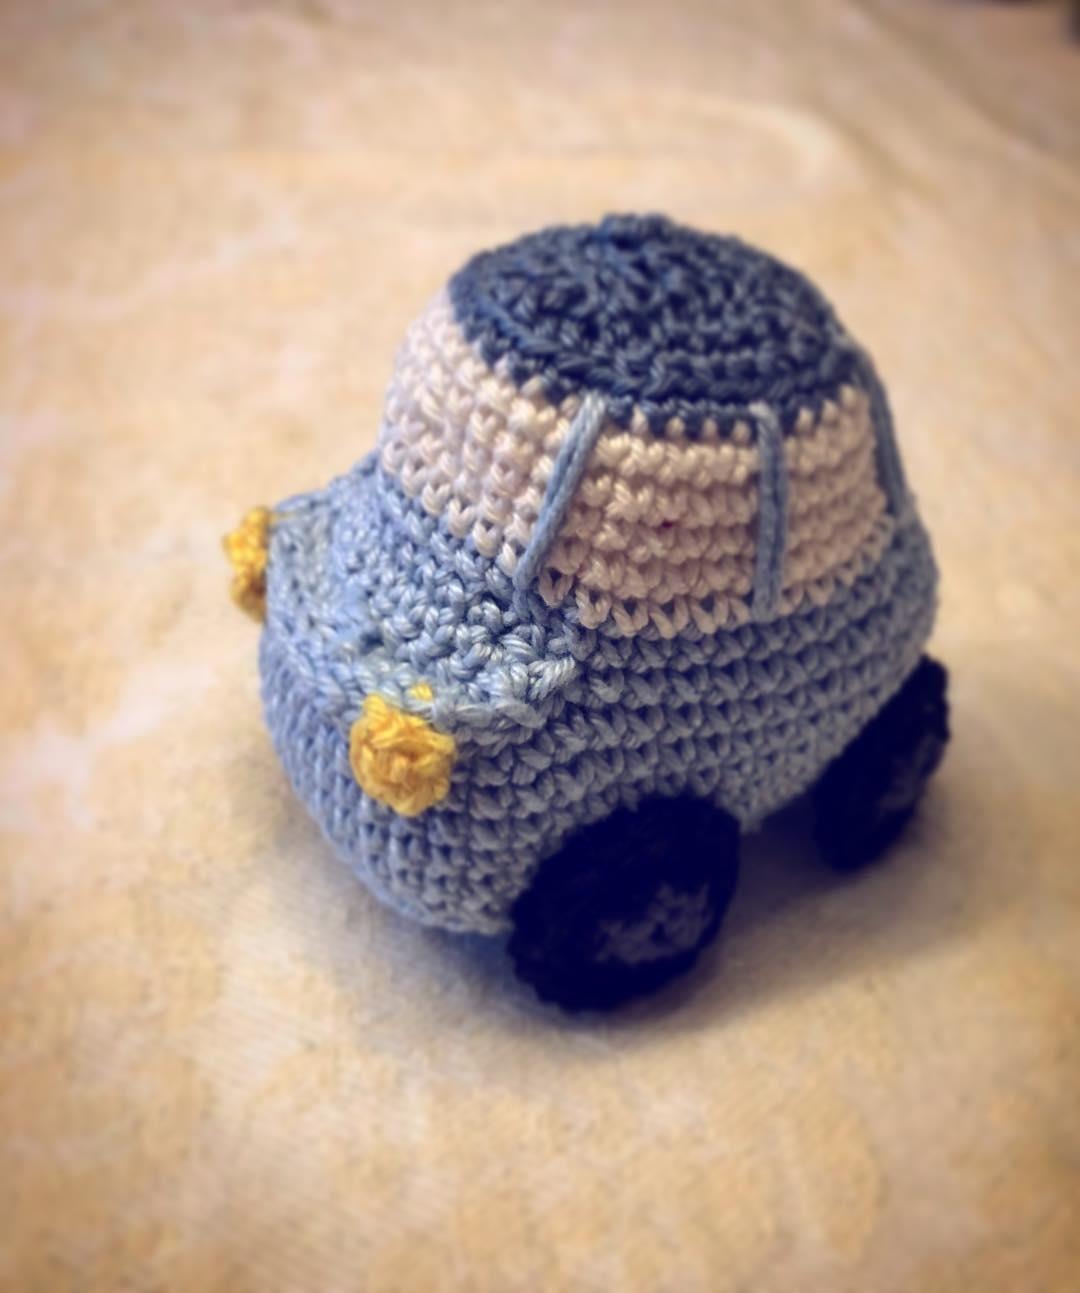 Crochet VW Beetle Amigurumi Pattern - Crochet News | 1293x1080